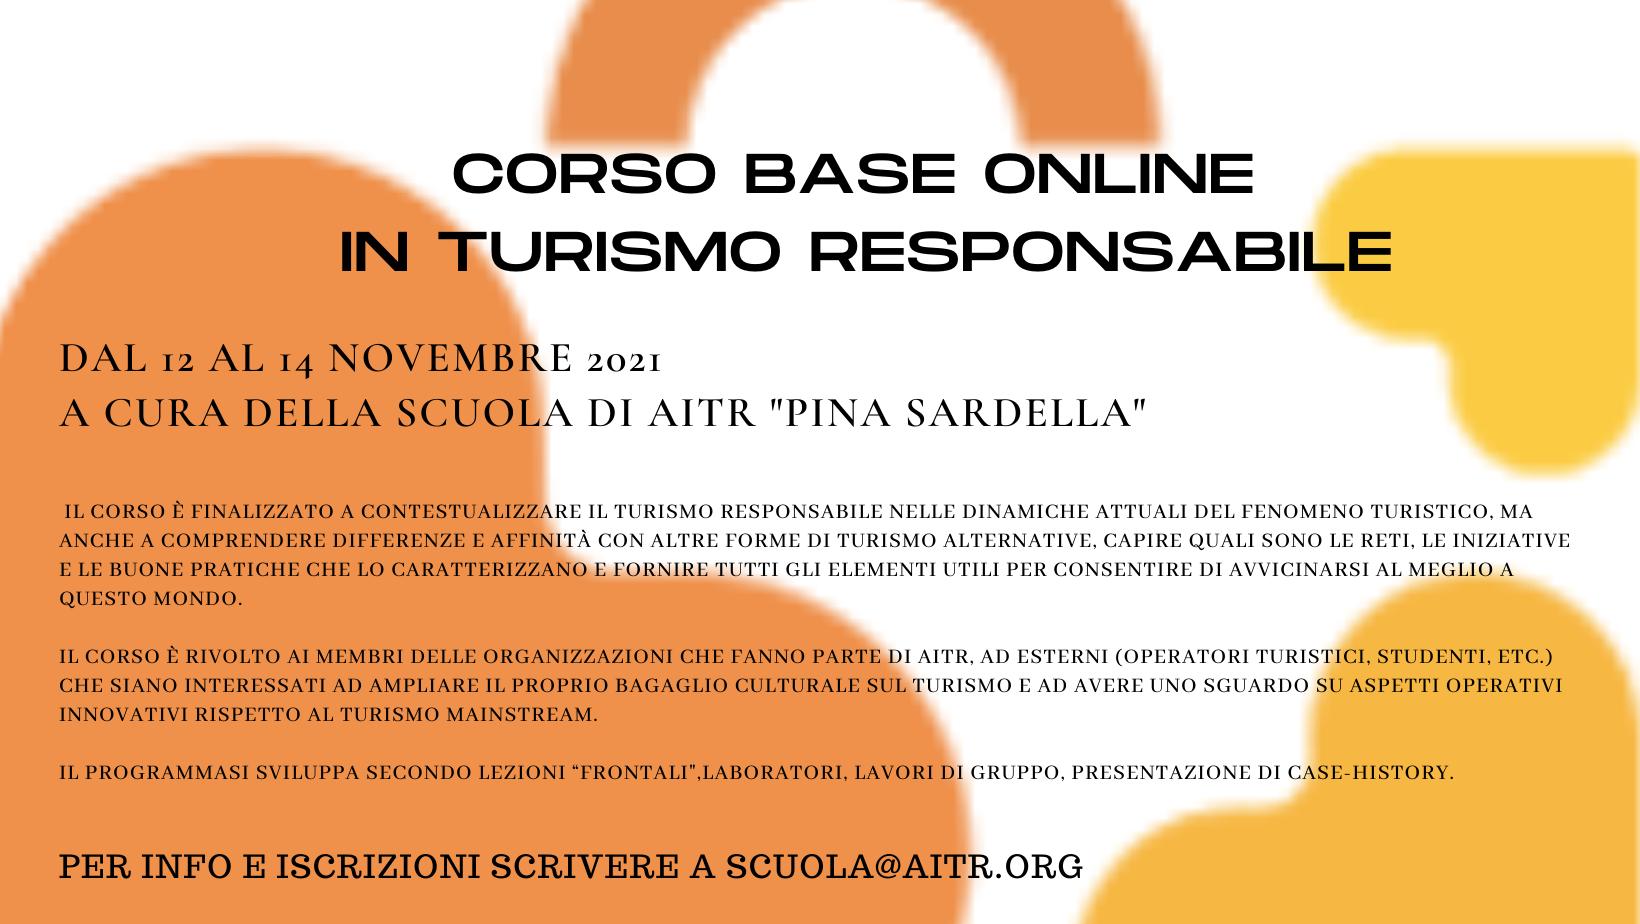 DAL 12 AL 14 NOVEMBRE TORNA IL CORSO BASE ONLINE DI AITR IN TURISMO RESPONSABILE